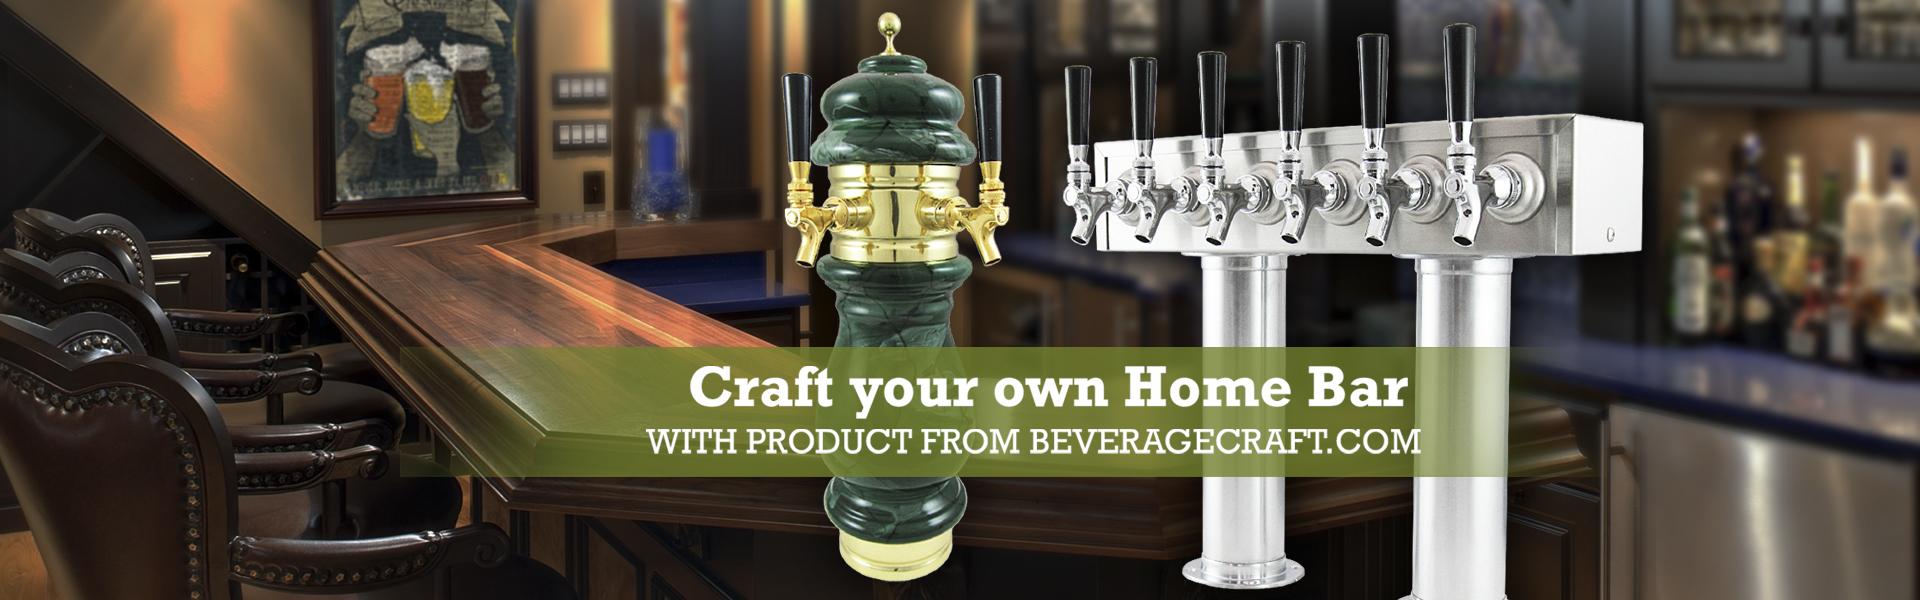 Beer Equipment Kegerators Pumps Kegs Towers Beverage Craft